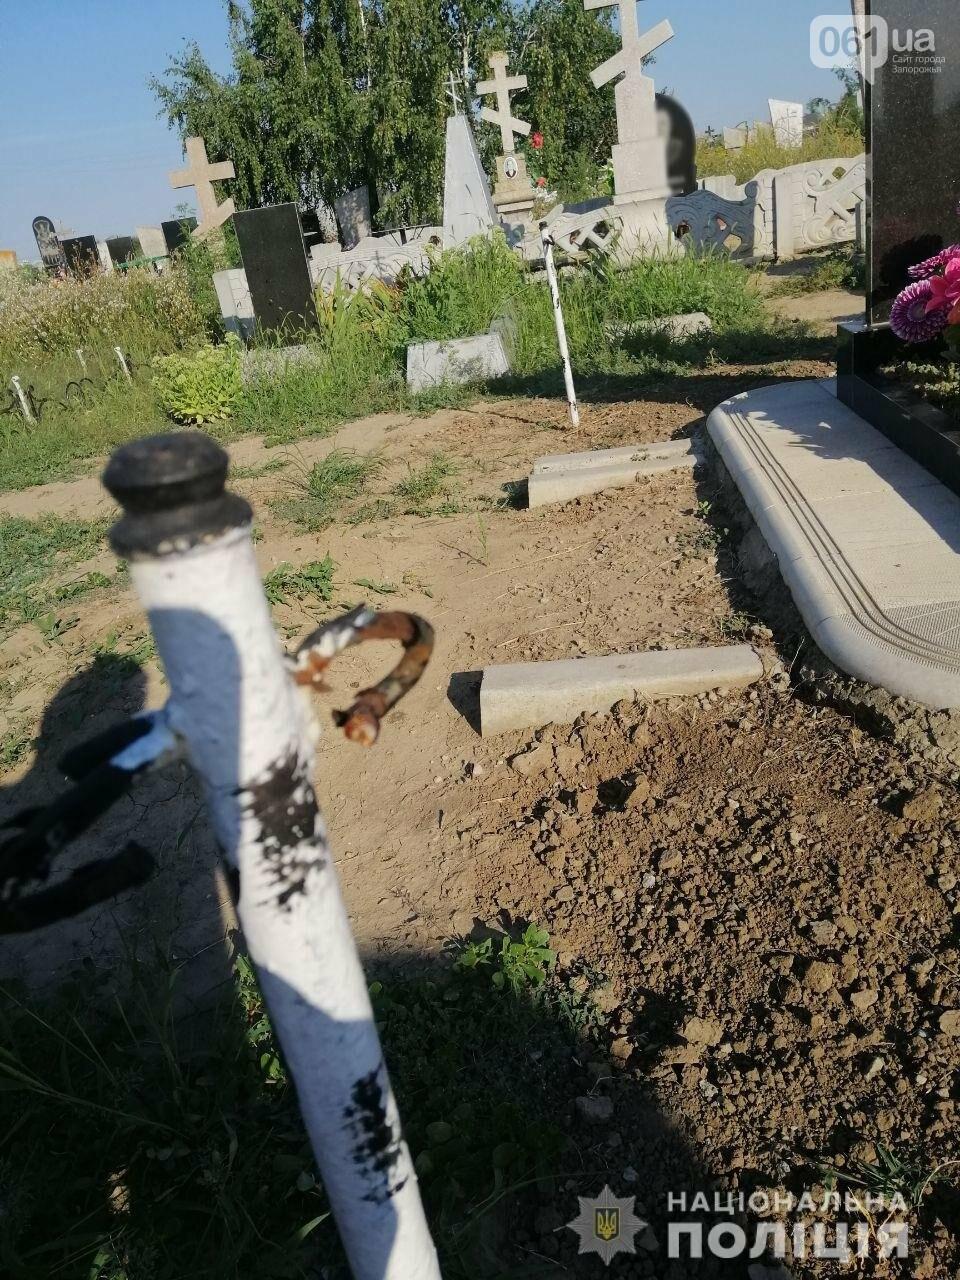 В Запорожской области мужчине грозит 7 лет тюрьмы за надругательство над могилами, фото-1